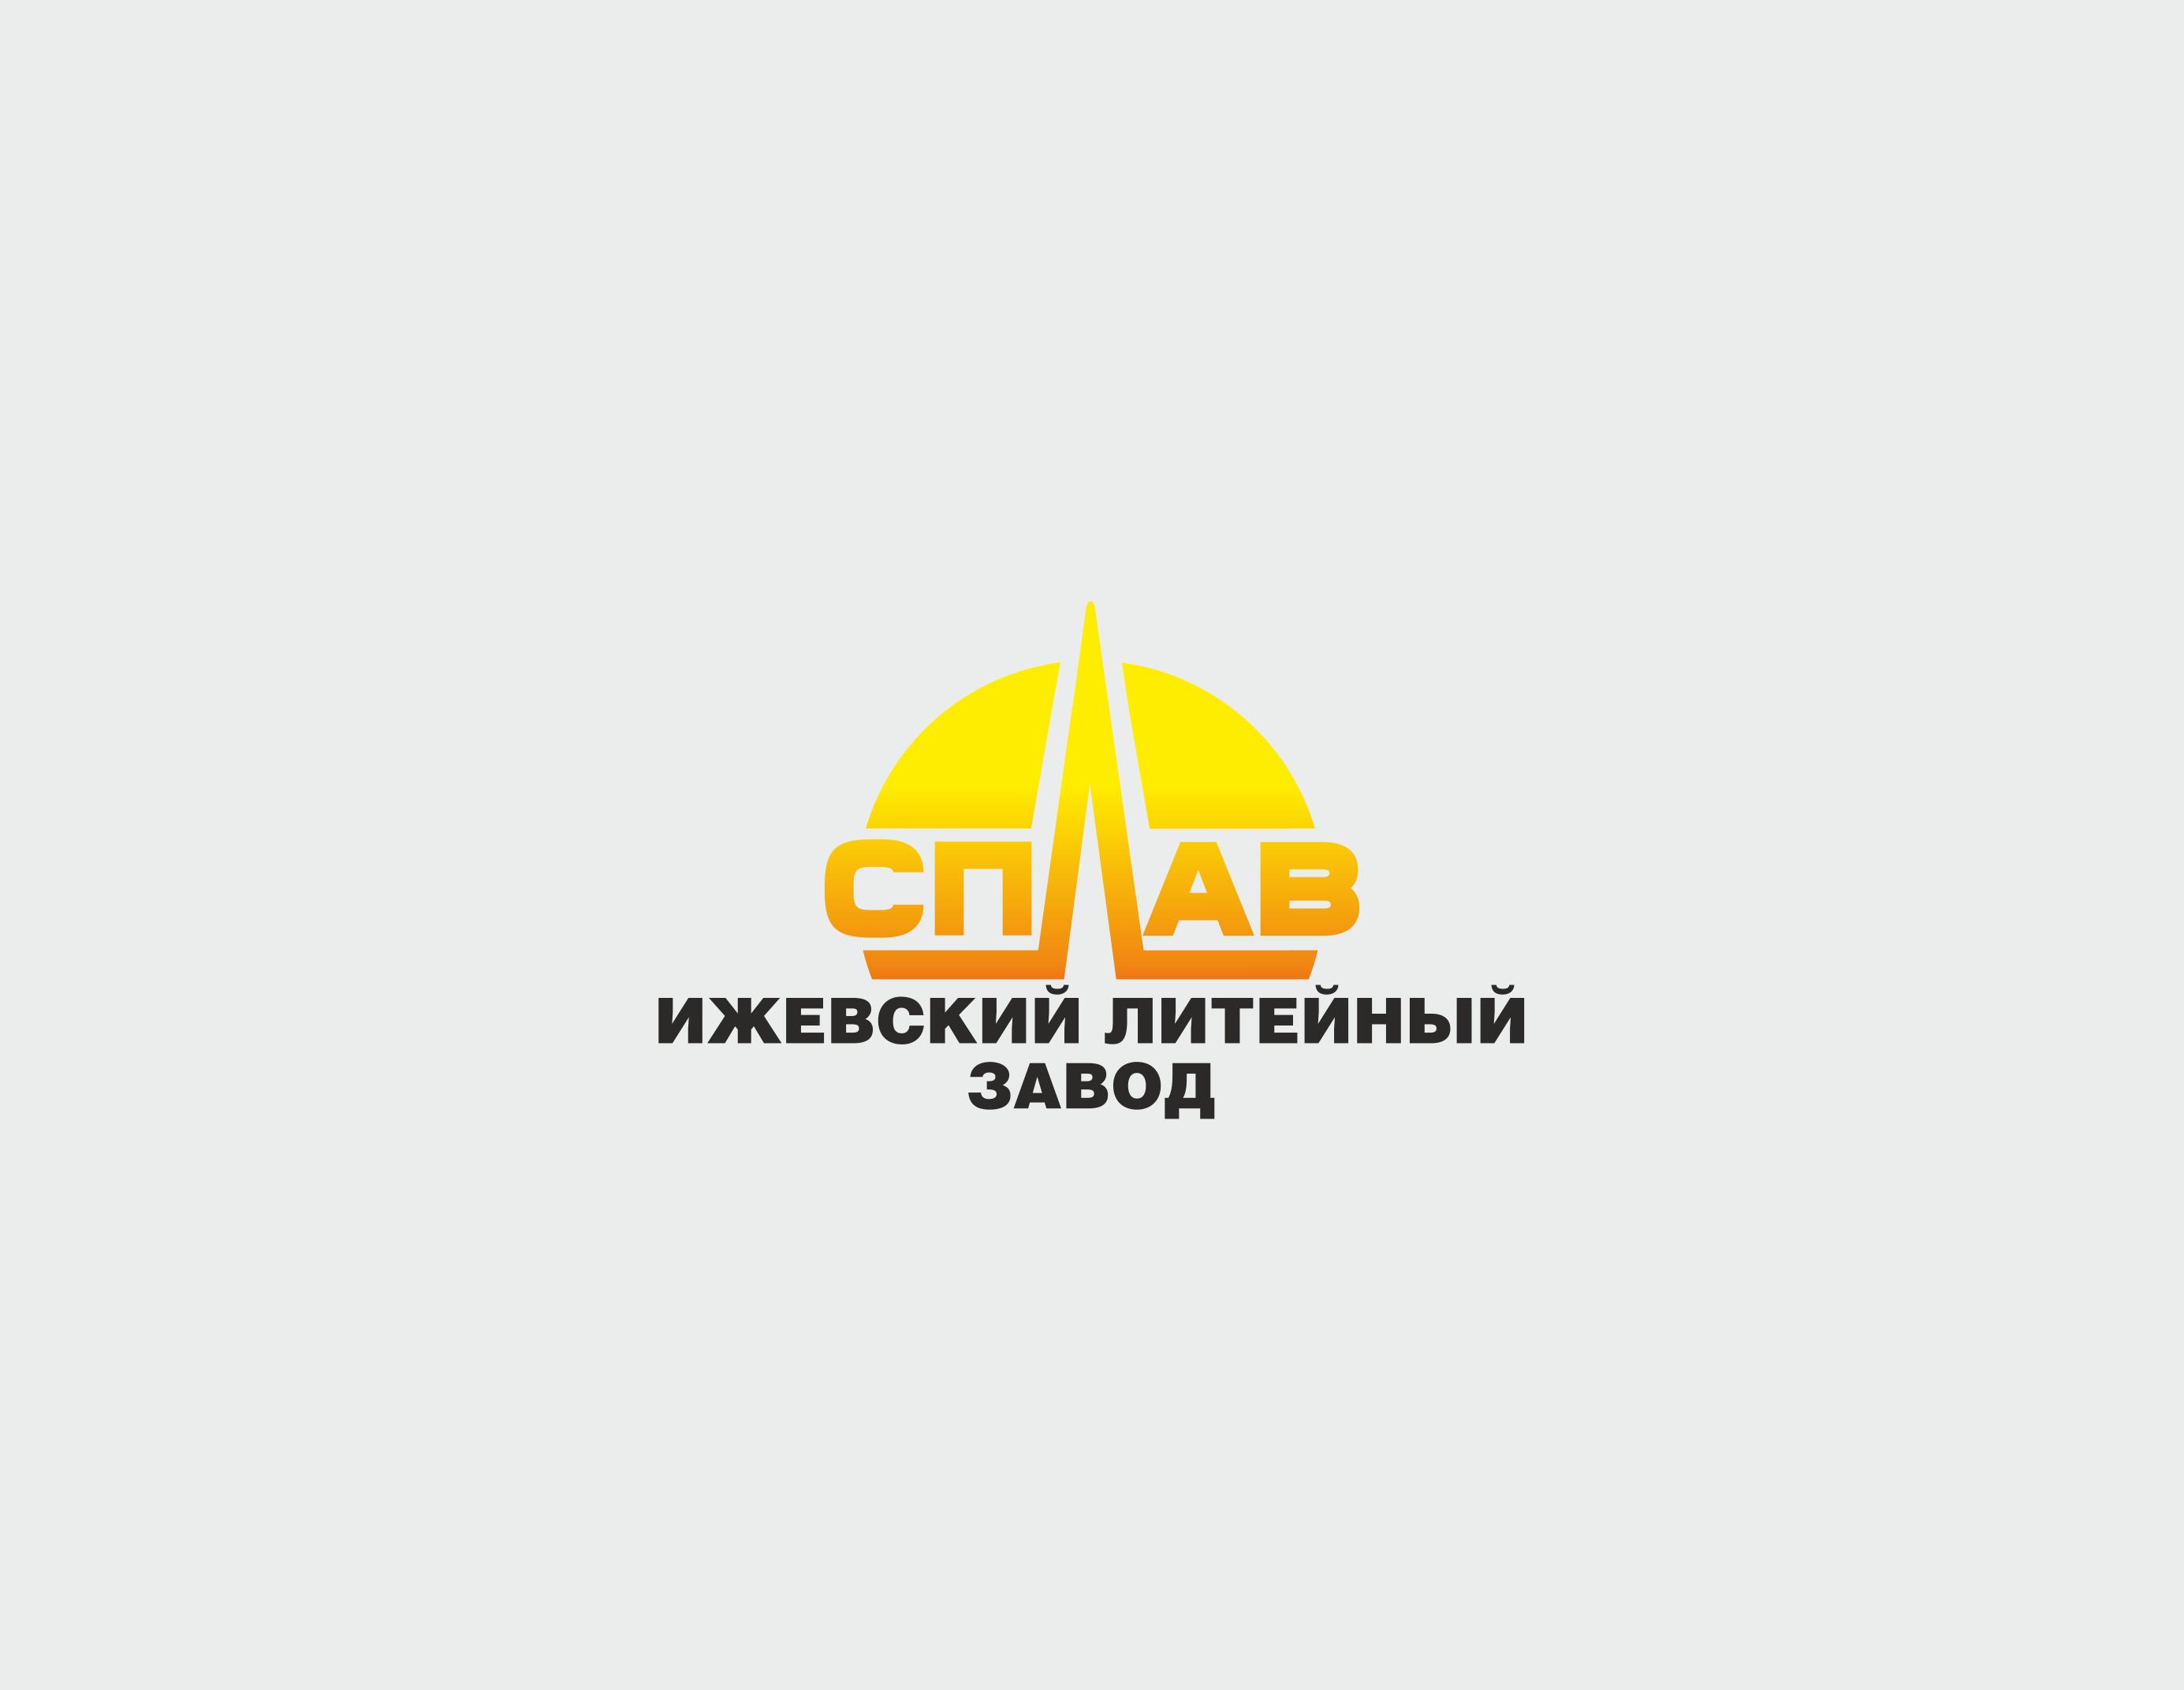 Разработать логотип для литейного завода фото f_8165b15494408fda.png